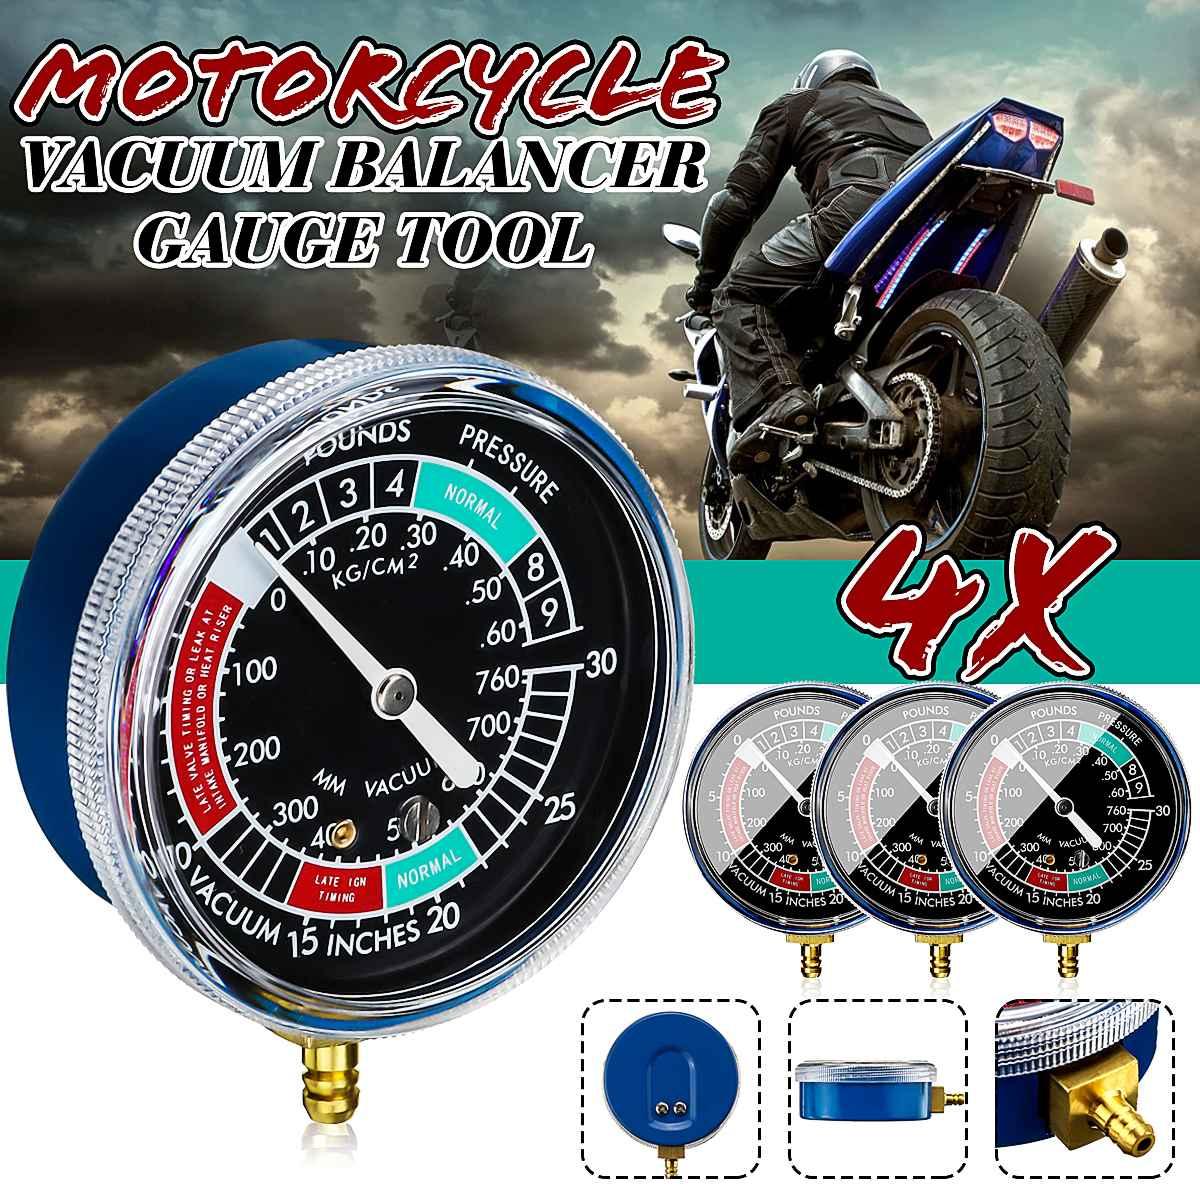 Universale Del Motociclo Carburatore Vuoto Calibro Carb Balancer Sincronizzatore Per Yamaha/Honda/Suzuki